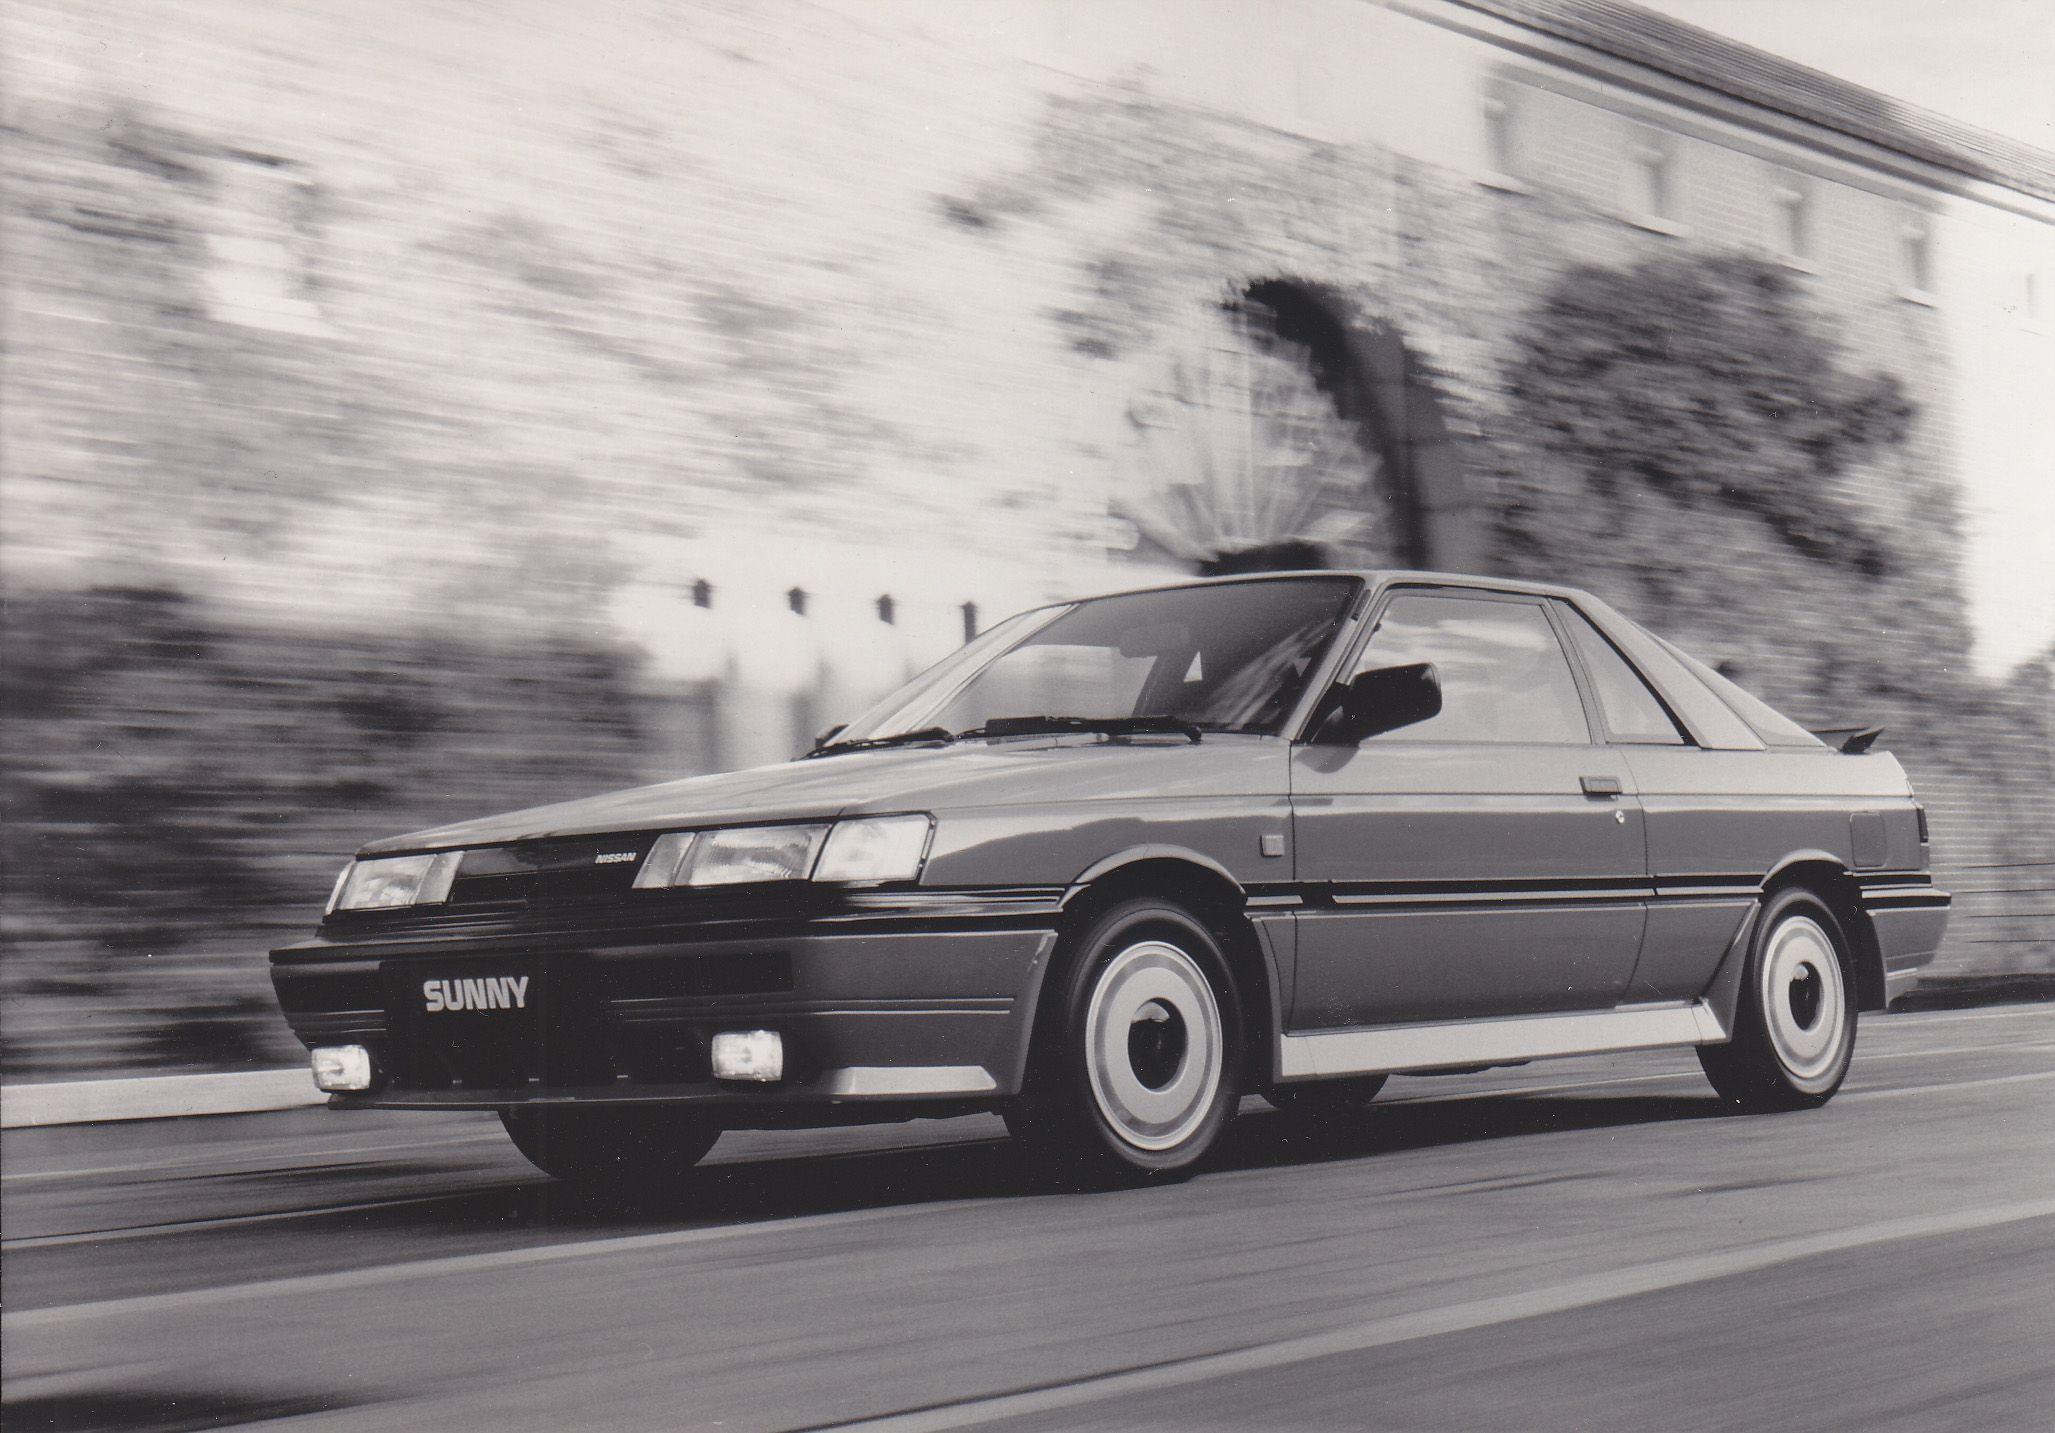 Nissan Motor Schweiz Sunny Gti 16 Valve Coupe 日産サニー 日産 サニー